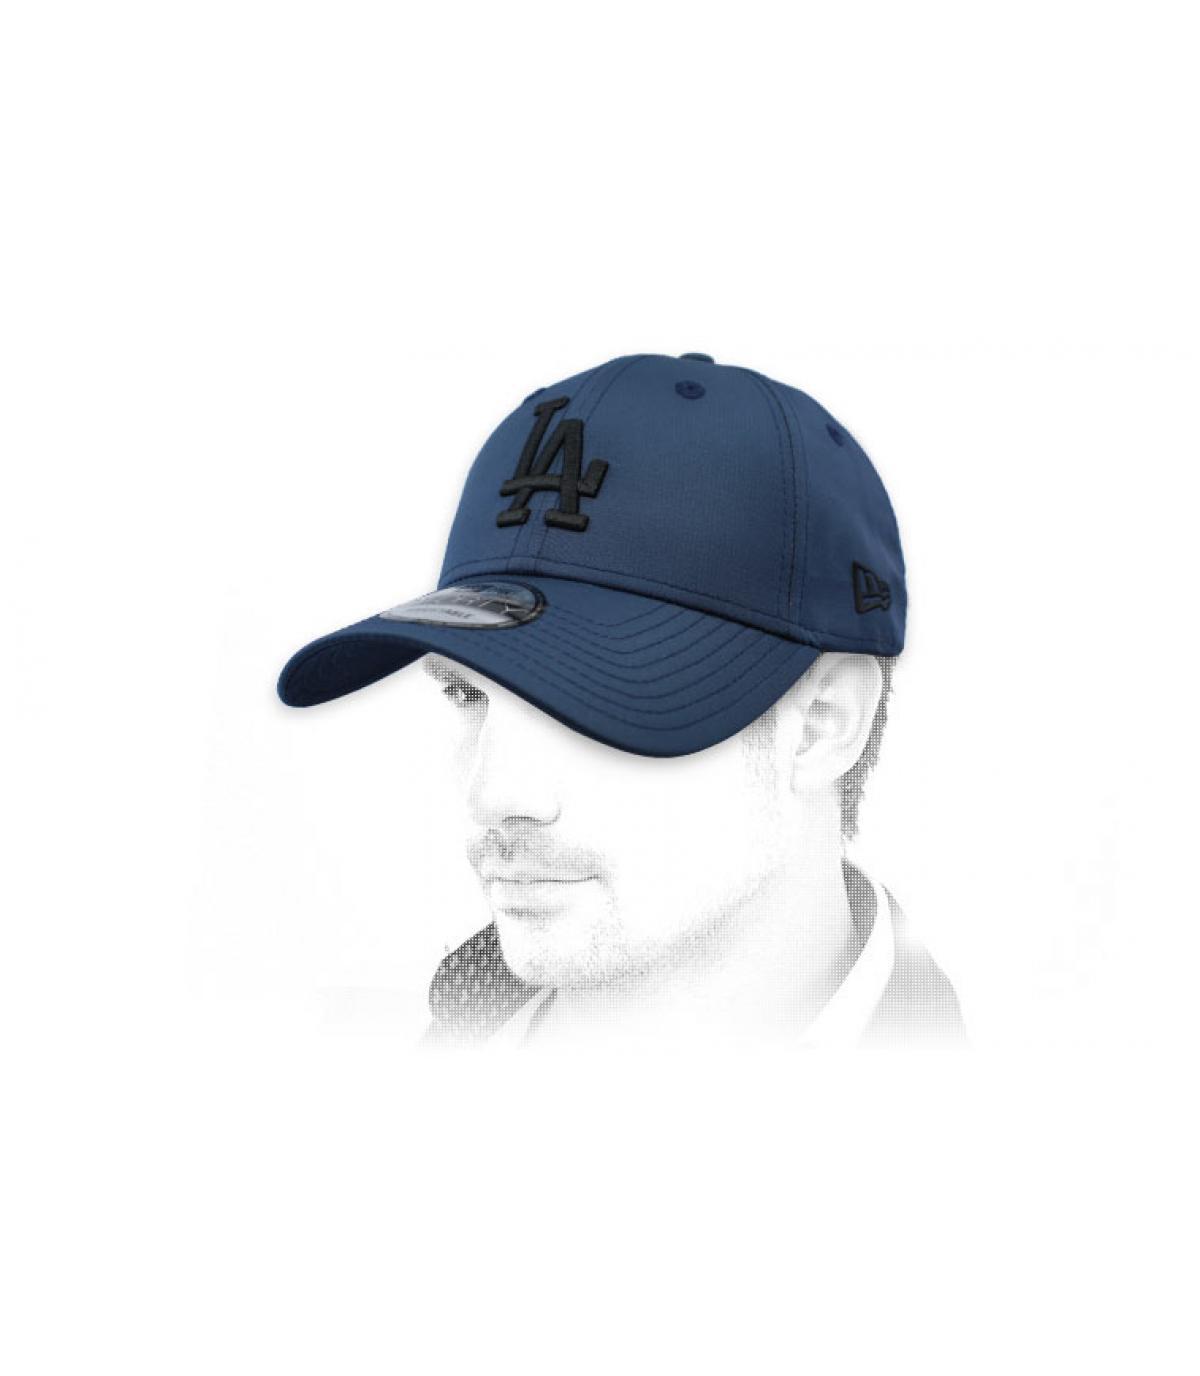 blue black LA cap